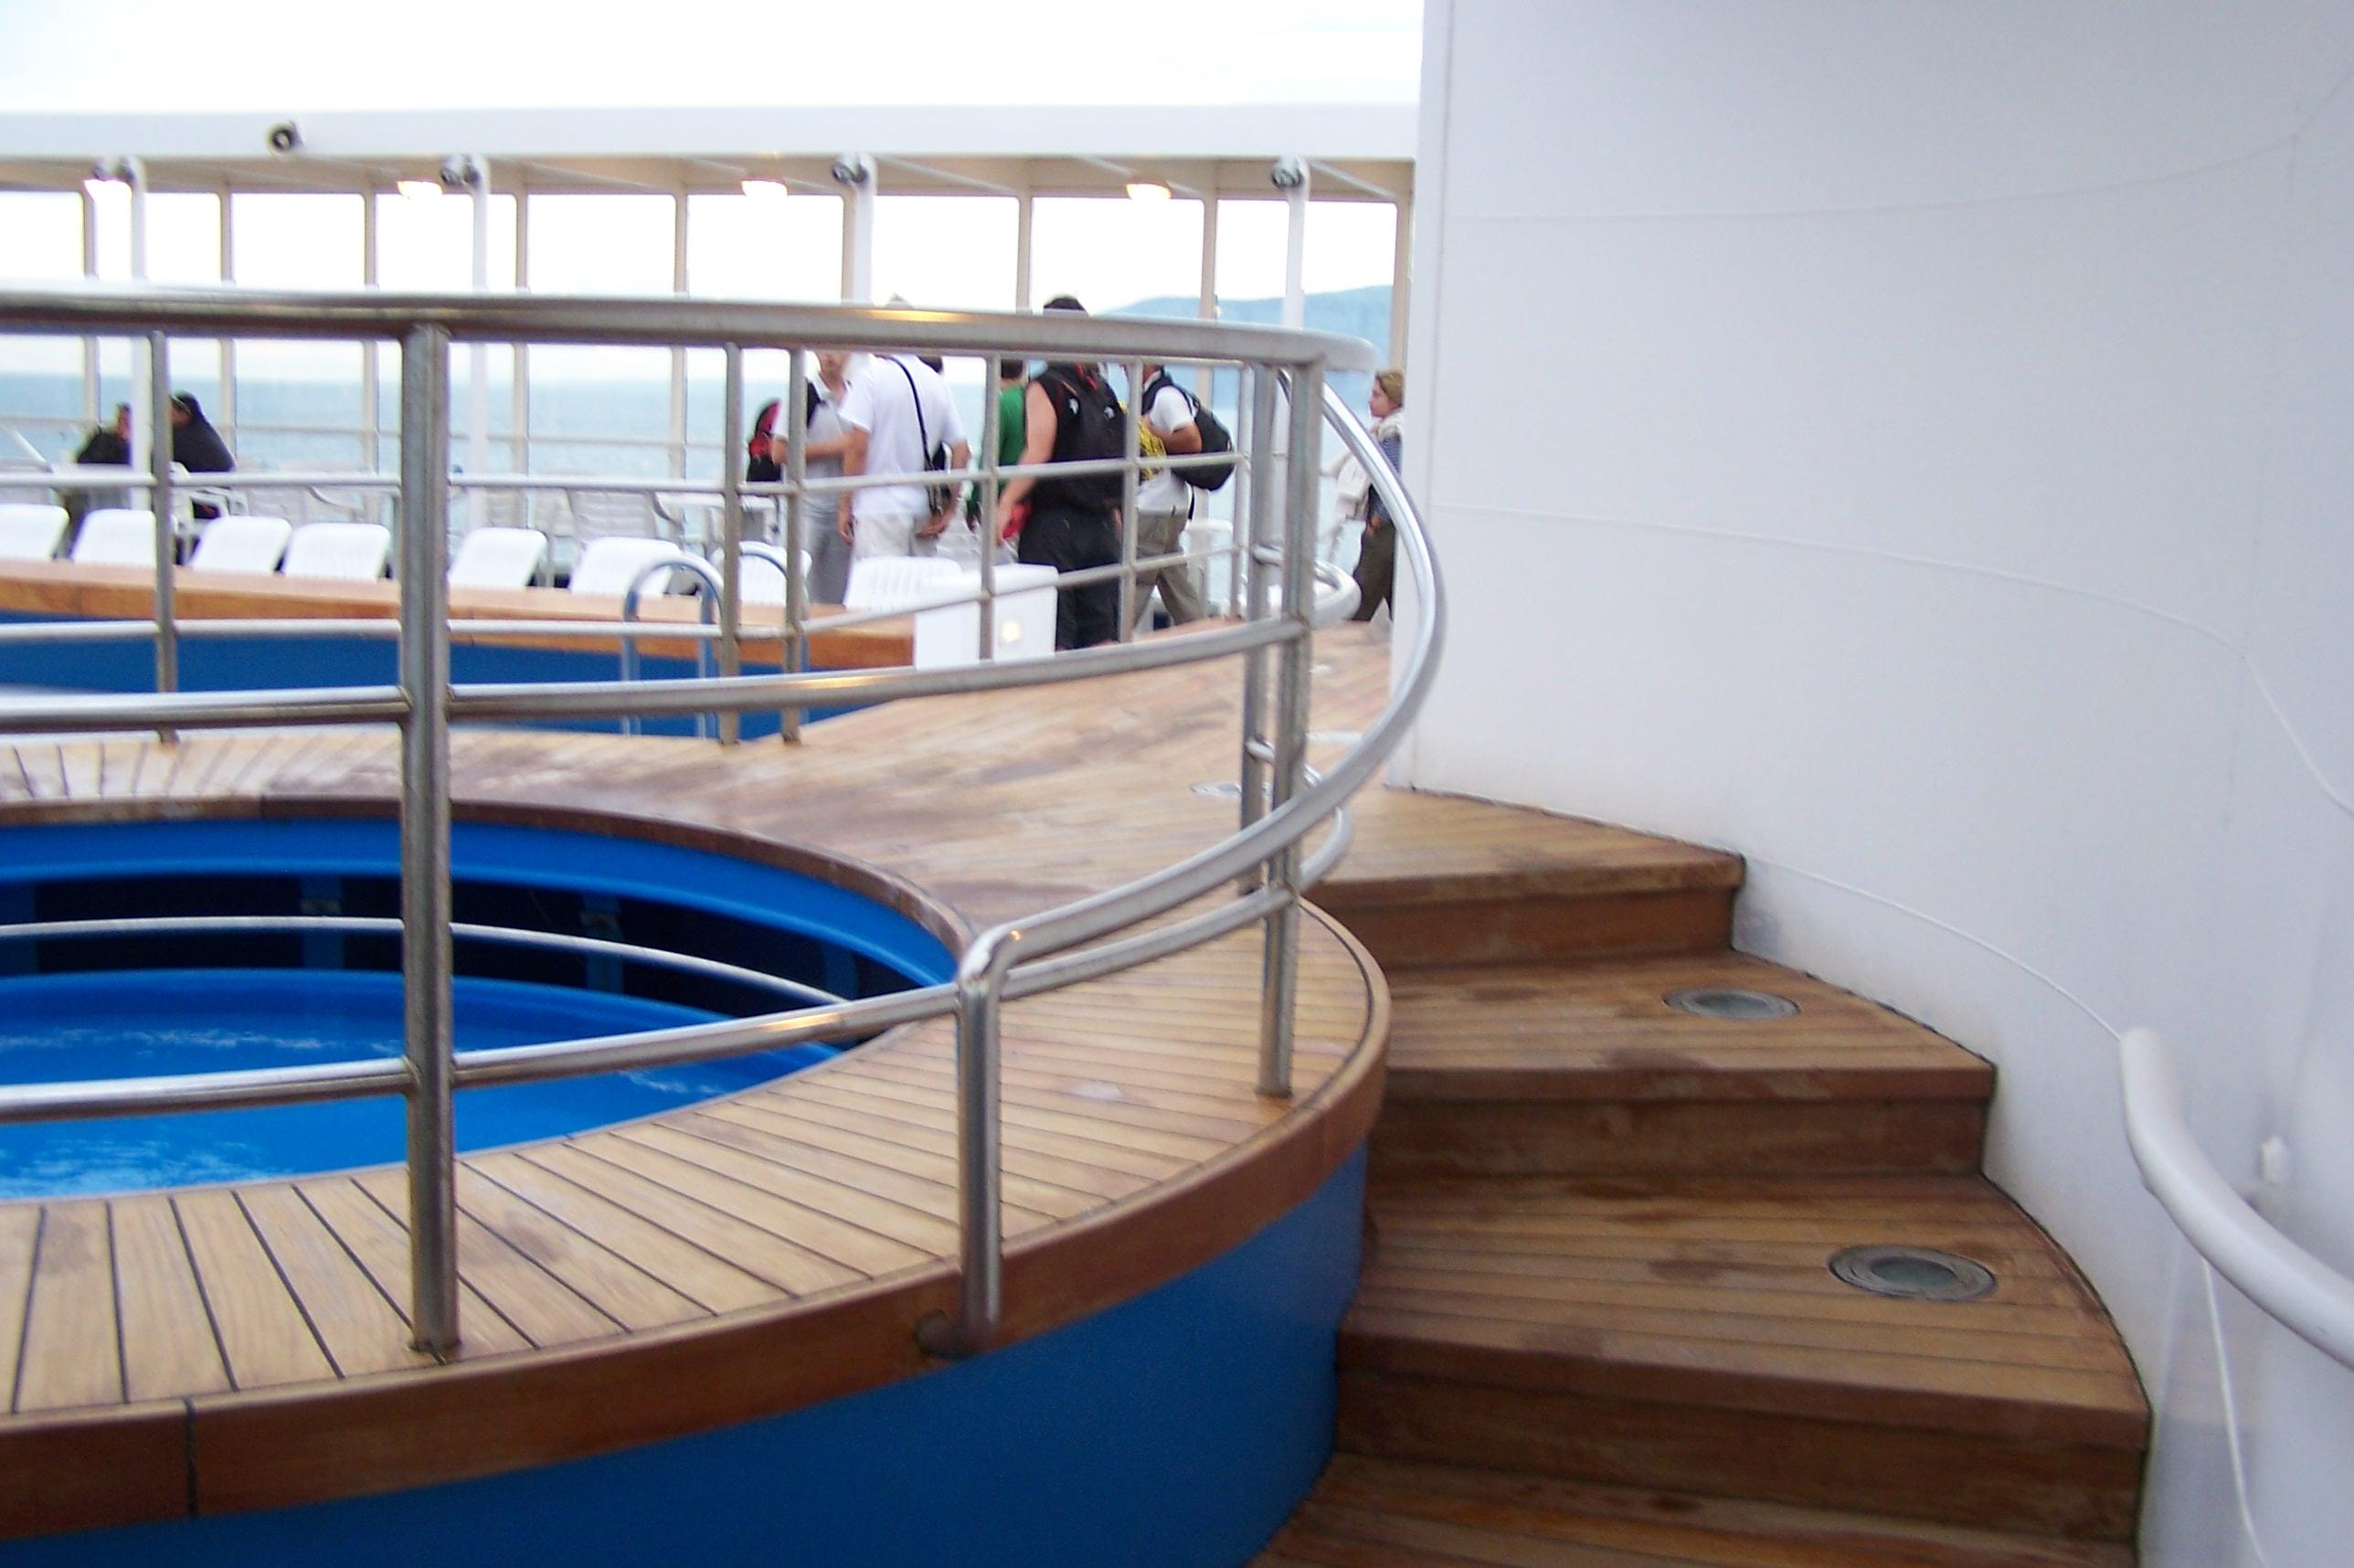 Grimaldi lines sulla civitavecchia olbia con cruise olbia conosciamo la nave navimania - Piscina bambini roma ...